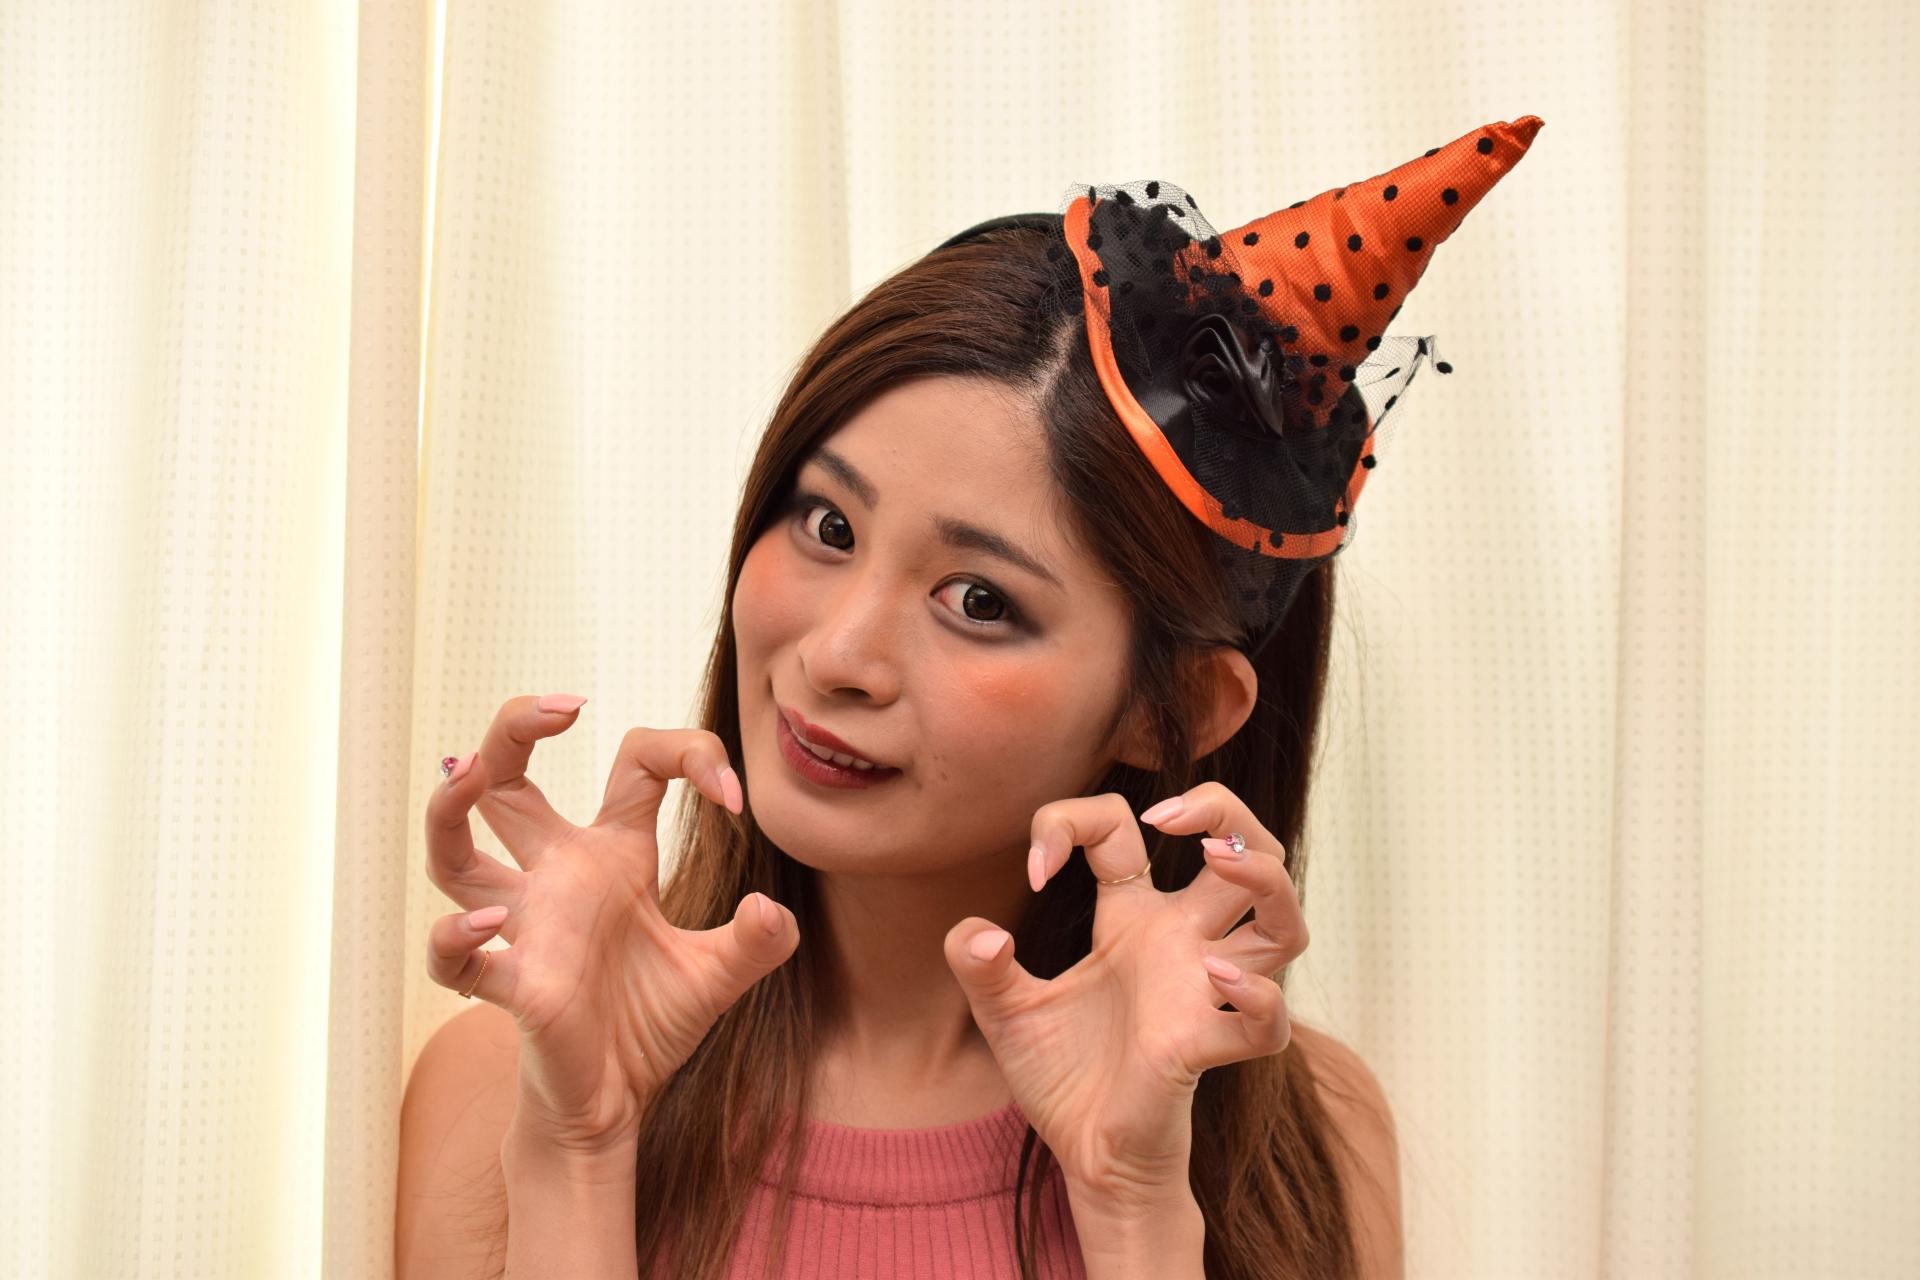 【2018】ハロウィンメイクまとめ!簡単・本格的ハロウィンのおすすめメイク